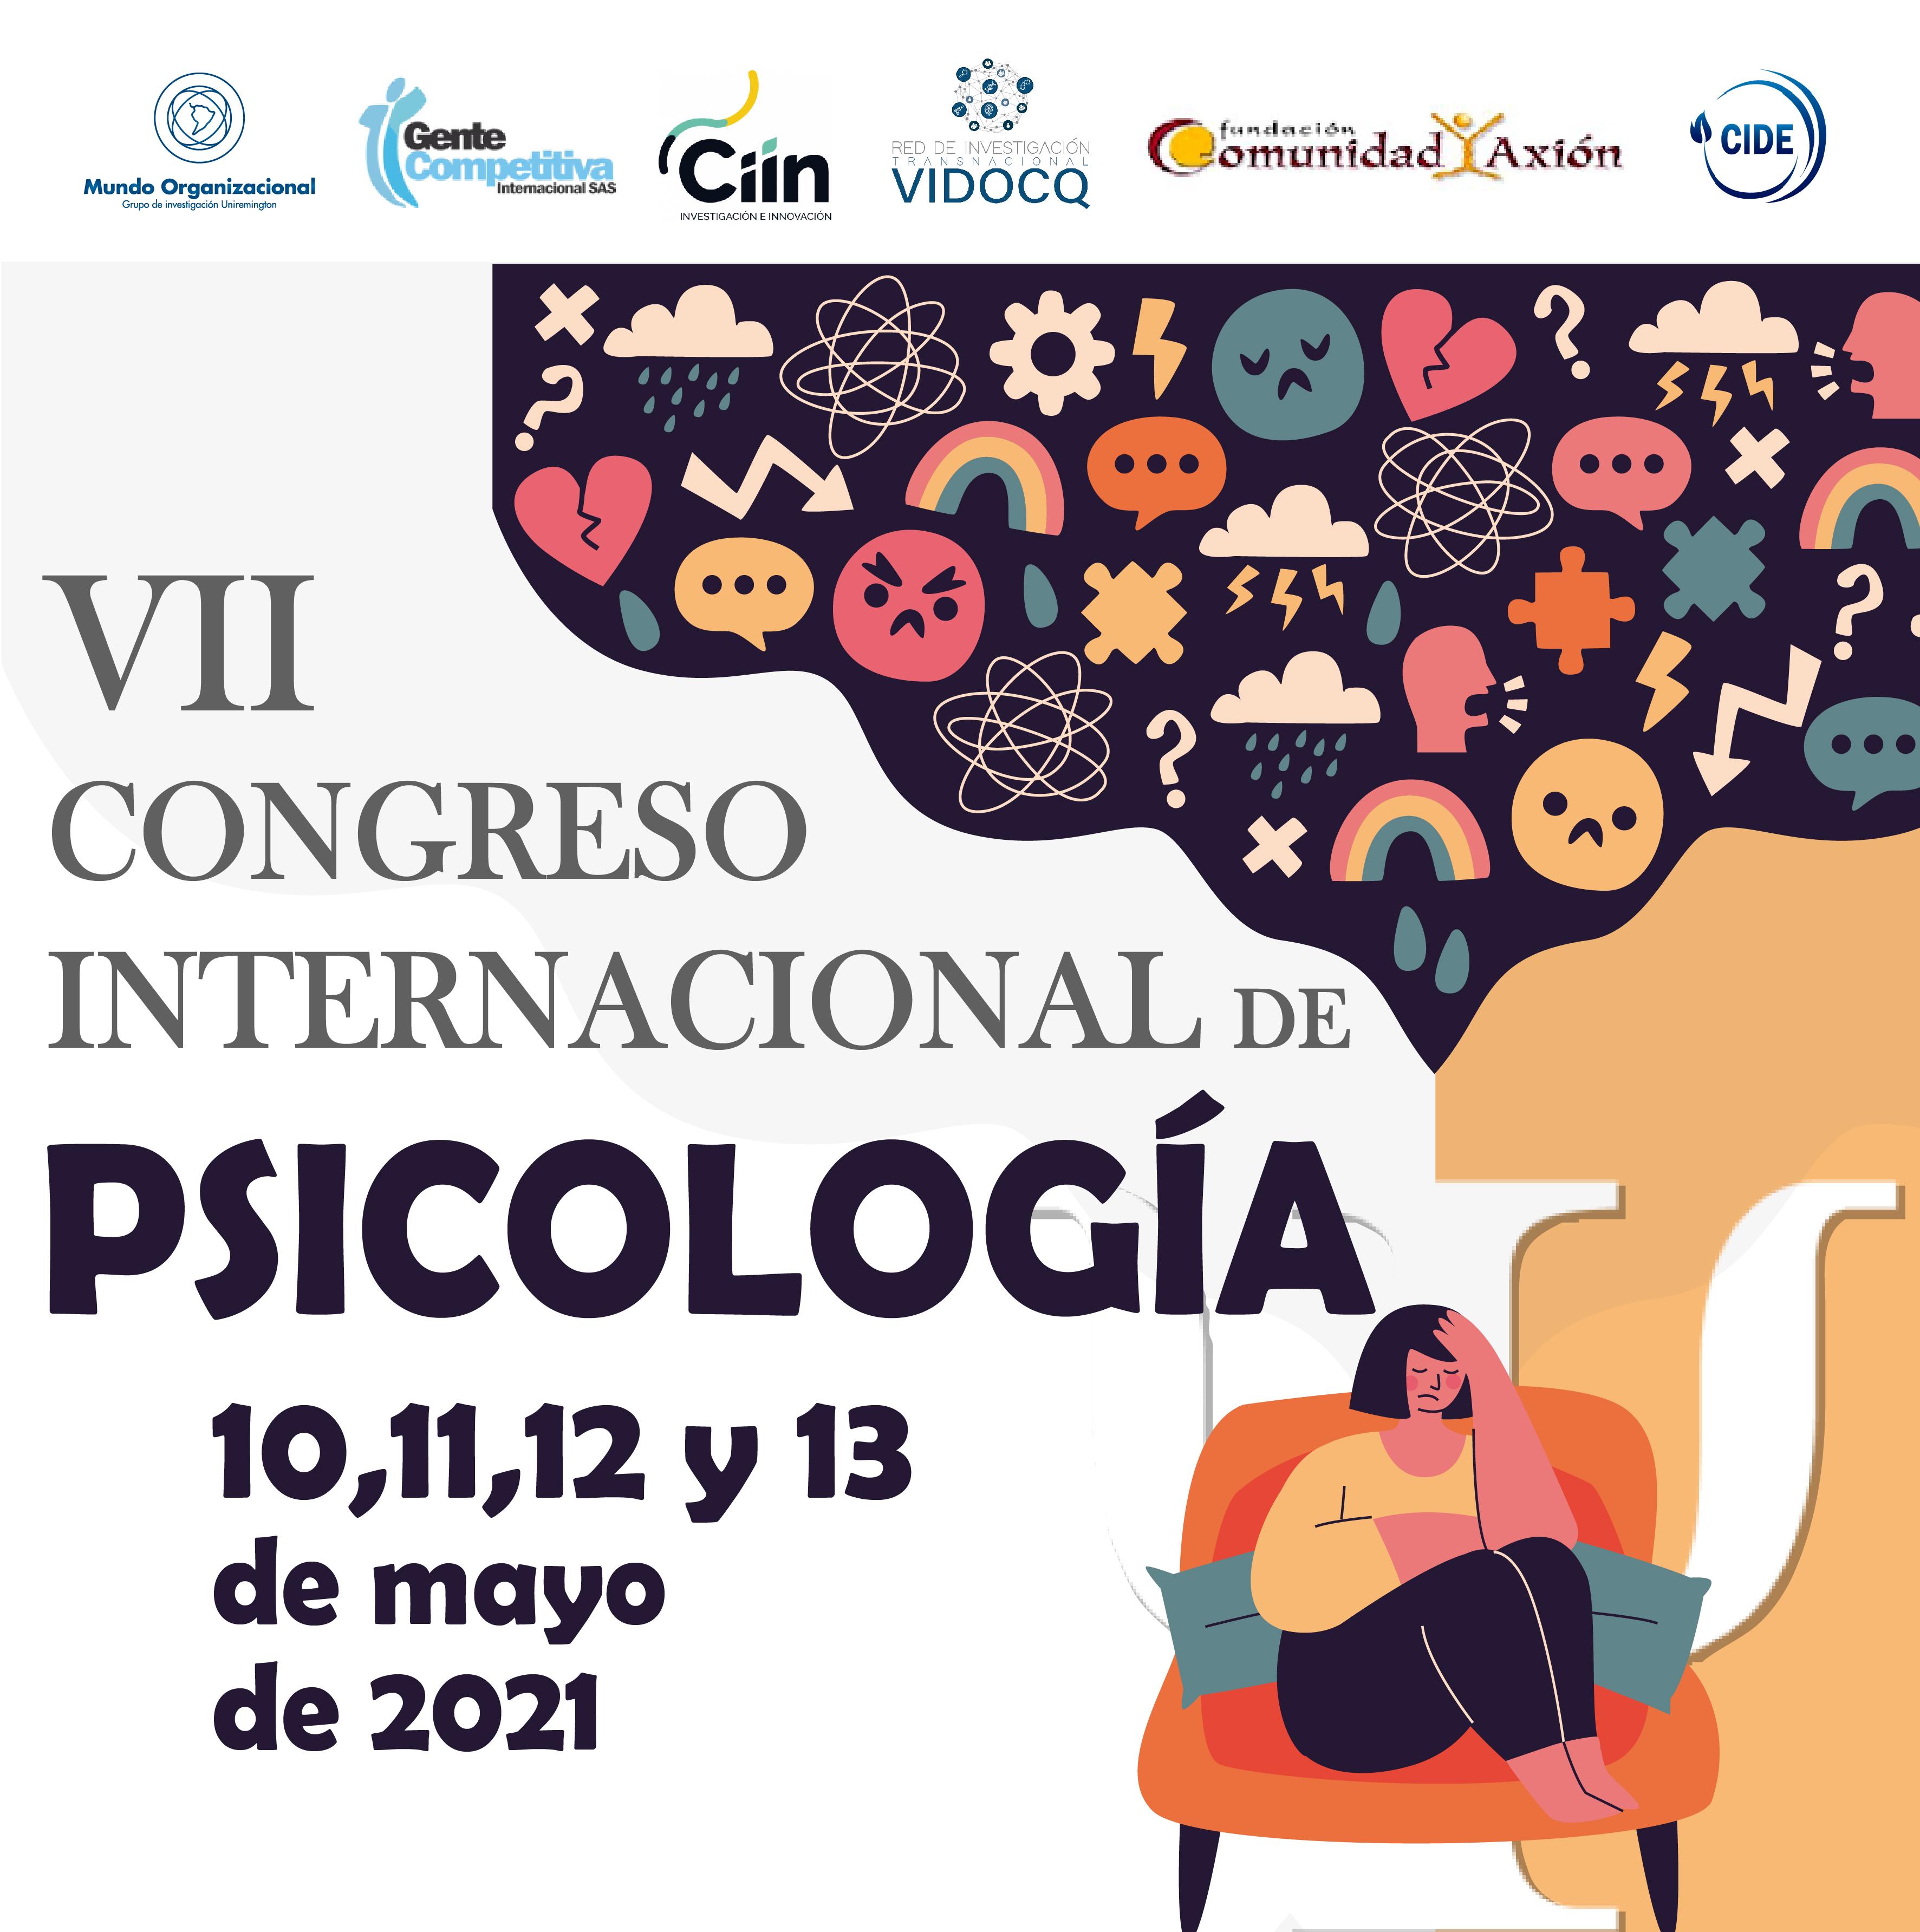 VII Congreso Internacional de Psicología